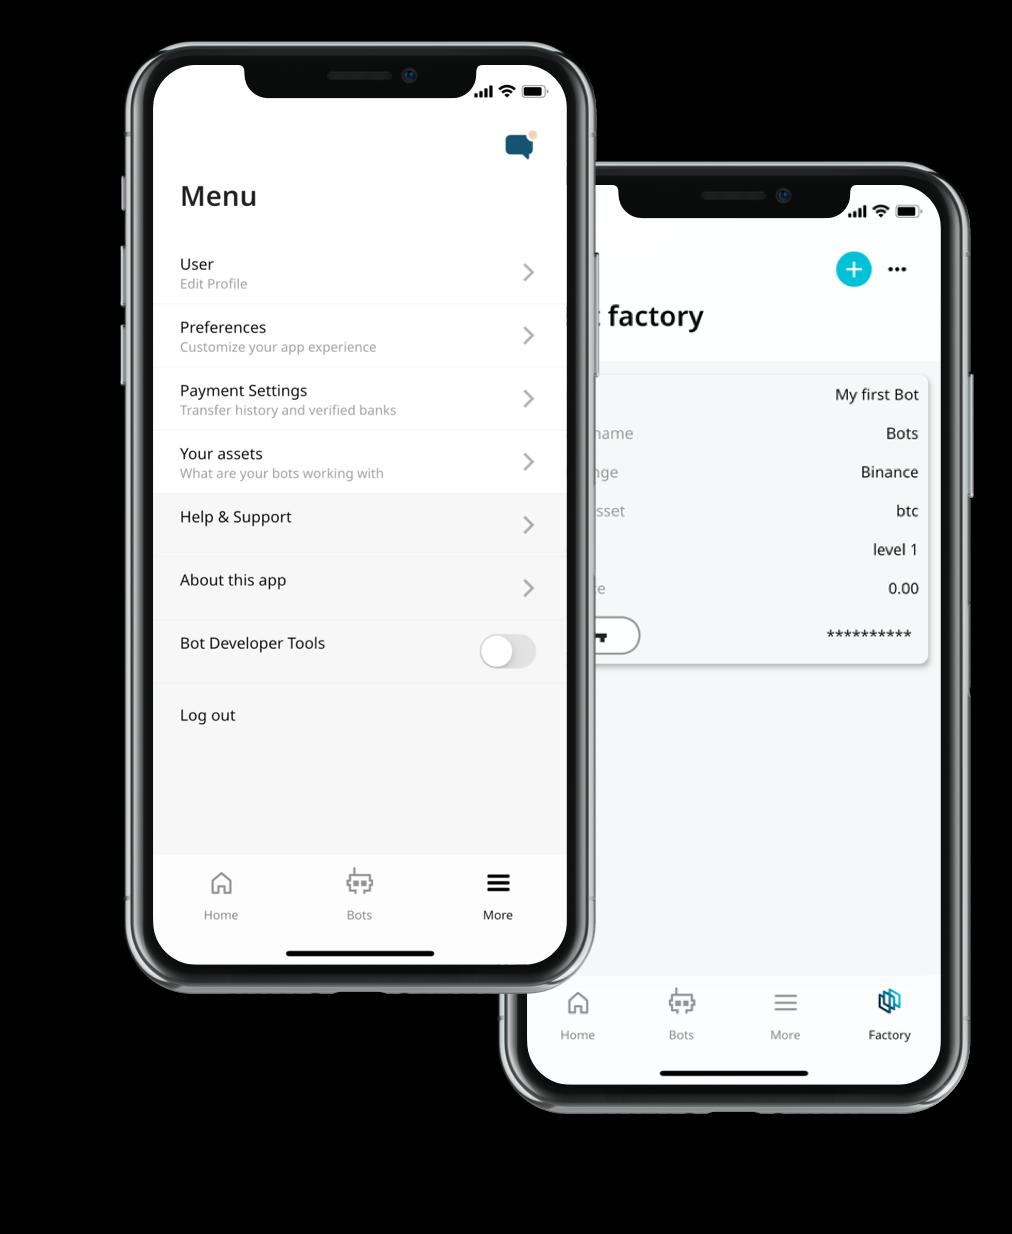 Activez le bouton Bot Developer Tools dans les paramètres de l'application.